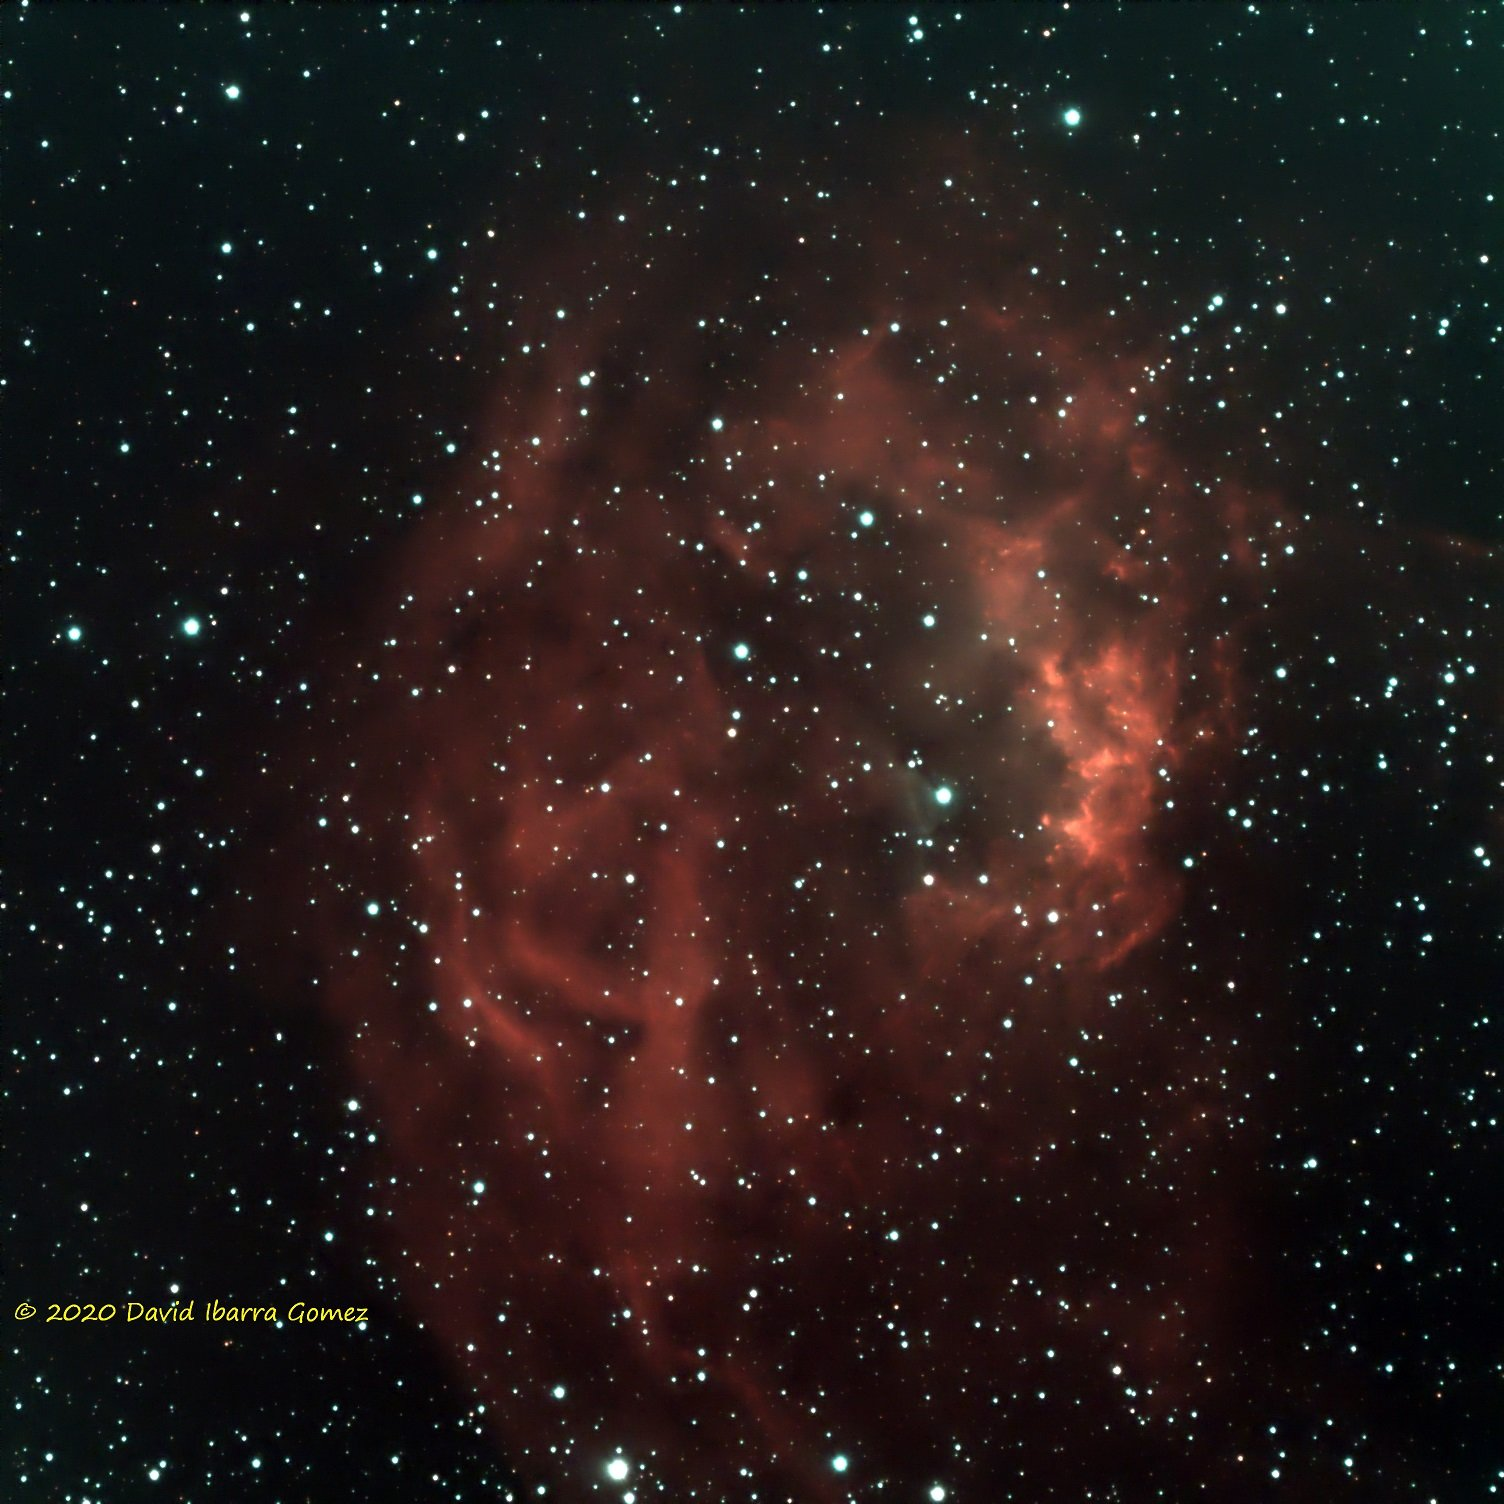 Lower Nebula - David Ibarra